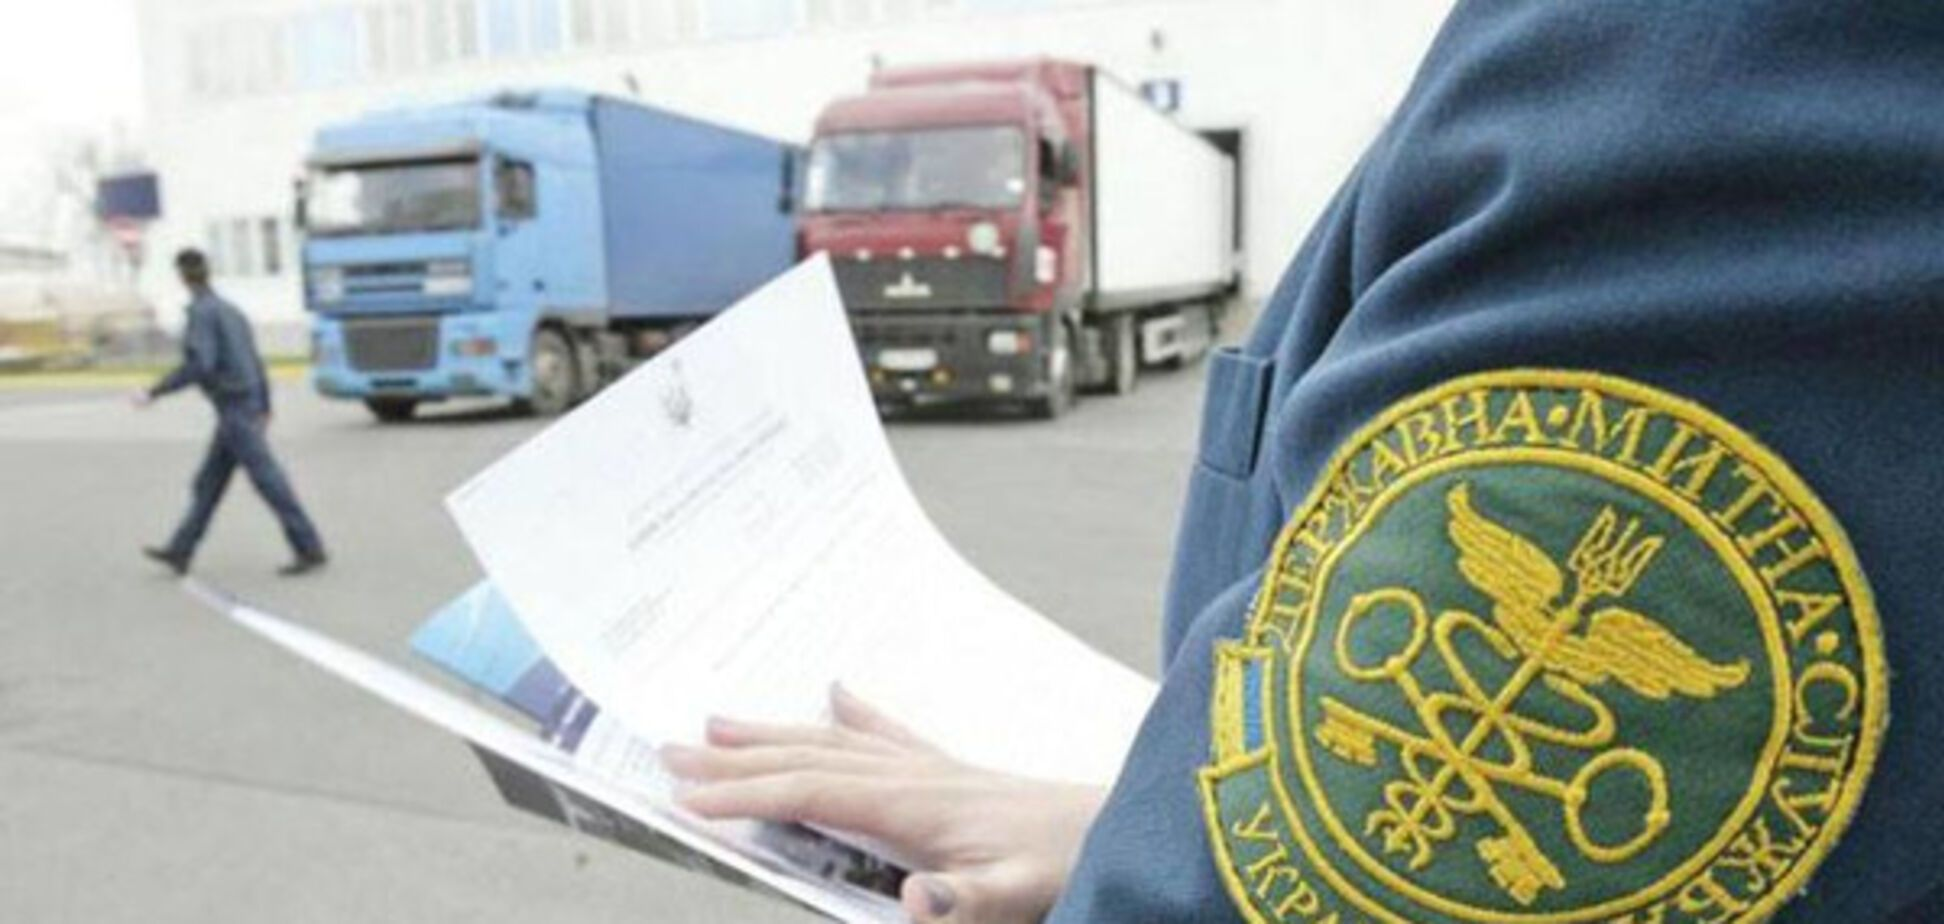 Сойеру, КотуВсапогах і шлаків Шлаковічу: митники вилучили нову партію дивних посилок в Україні